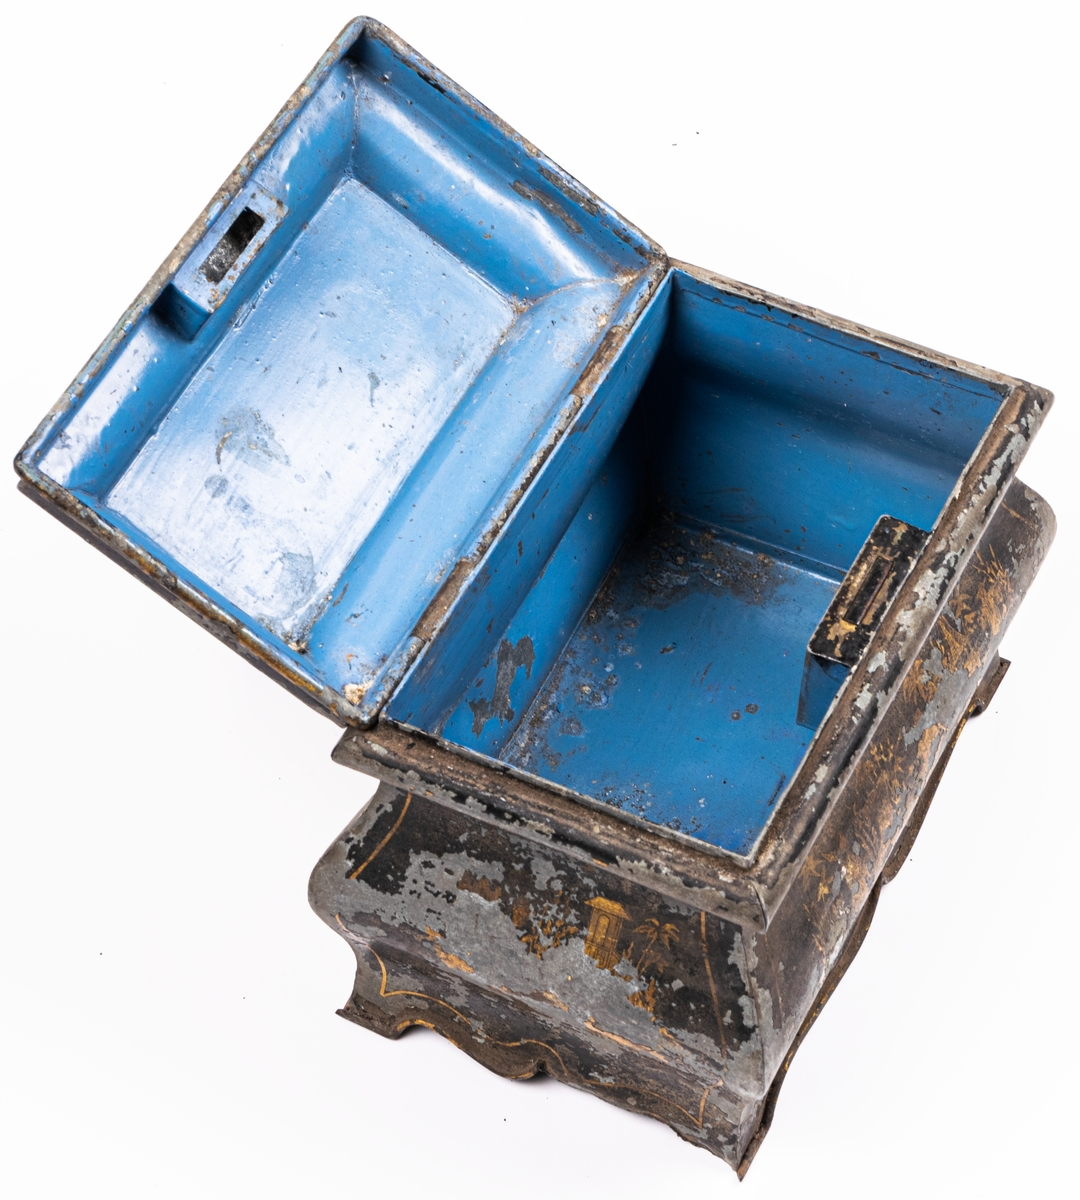 Kat.kort: Skrin, av järnbleck, med bukiga sidor, spår av svart färg med guldlandskap. Inuti blå. Bilderna kinesiska.